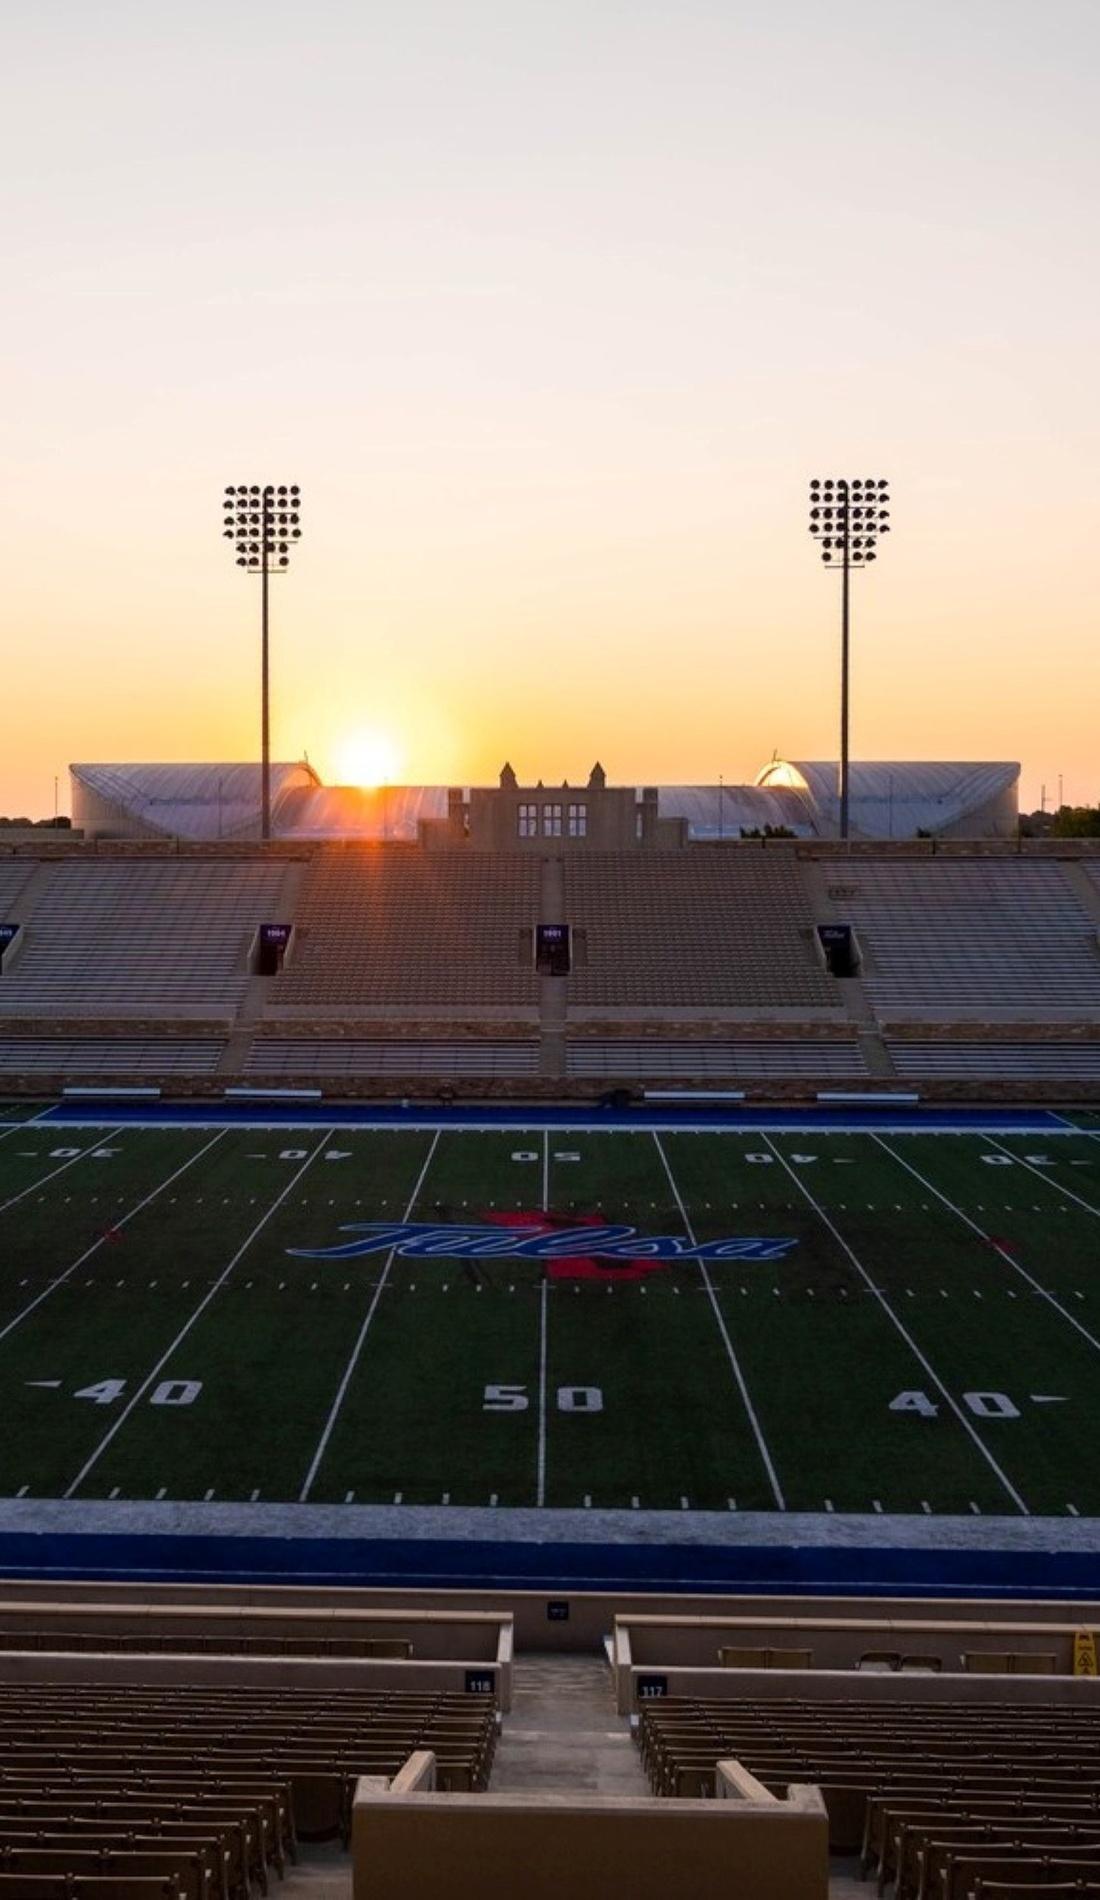 A Tulsa Golden Hurricane Football live event